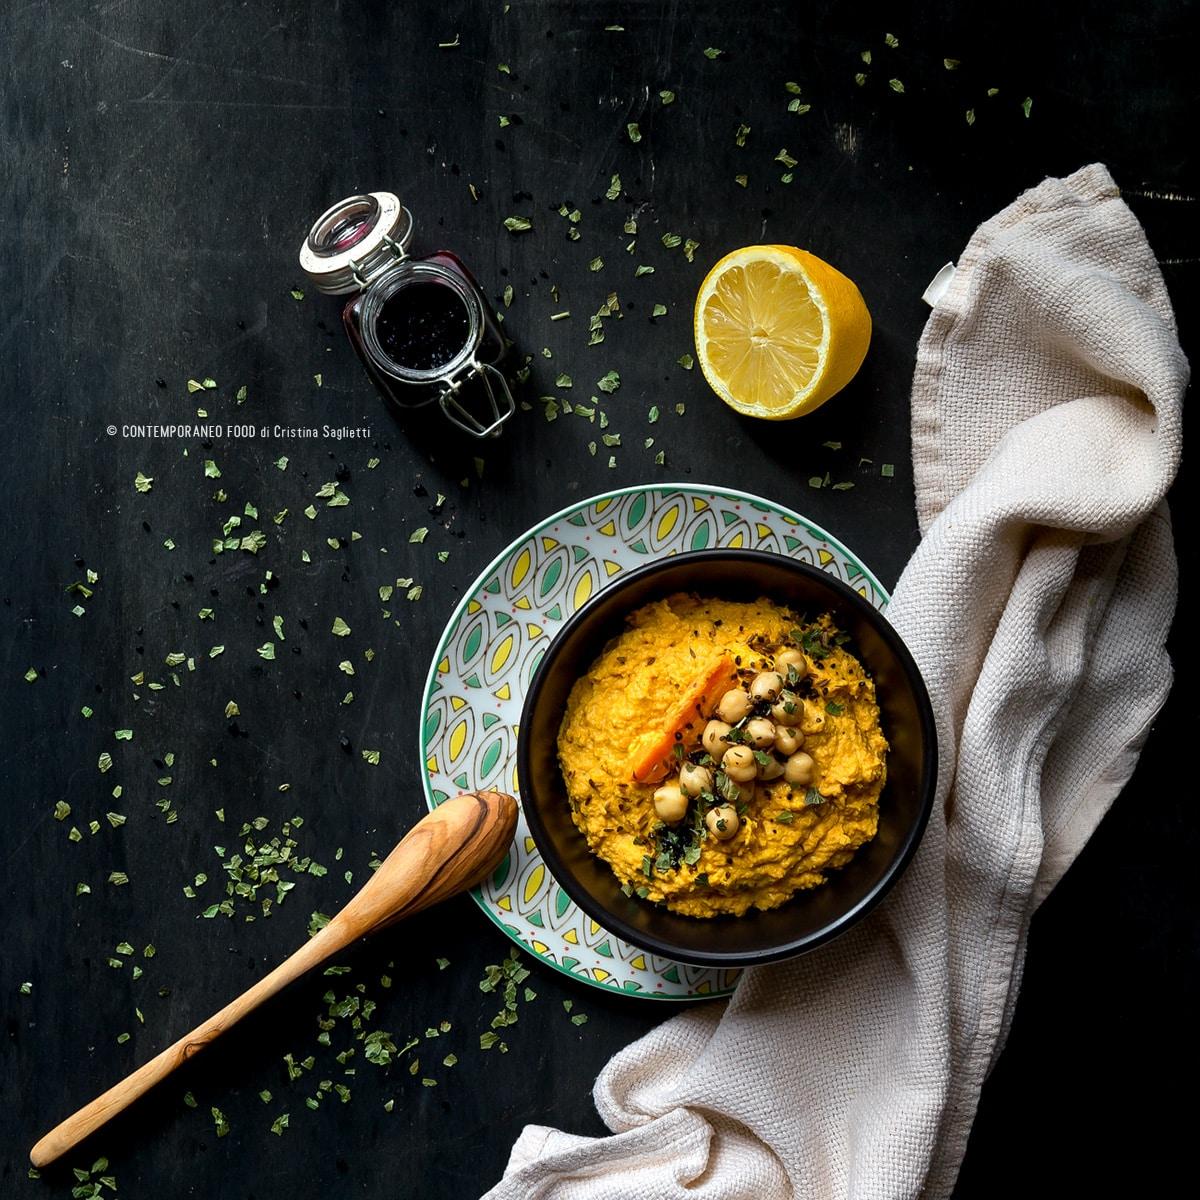 piatti-vegetariani-hummus-di-carote-ricetta-last-minute-1-contemporaneo-food